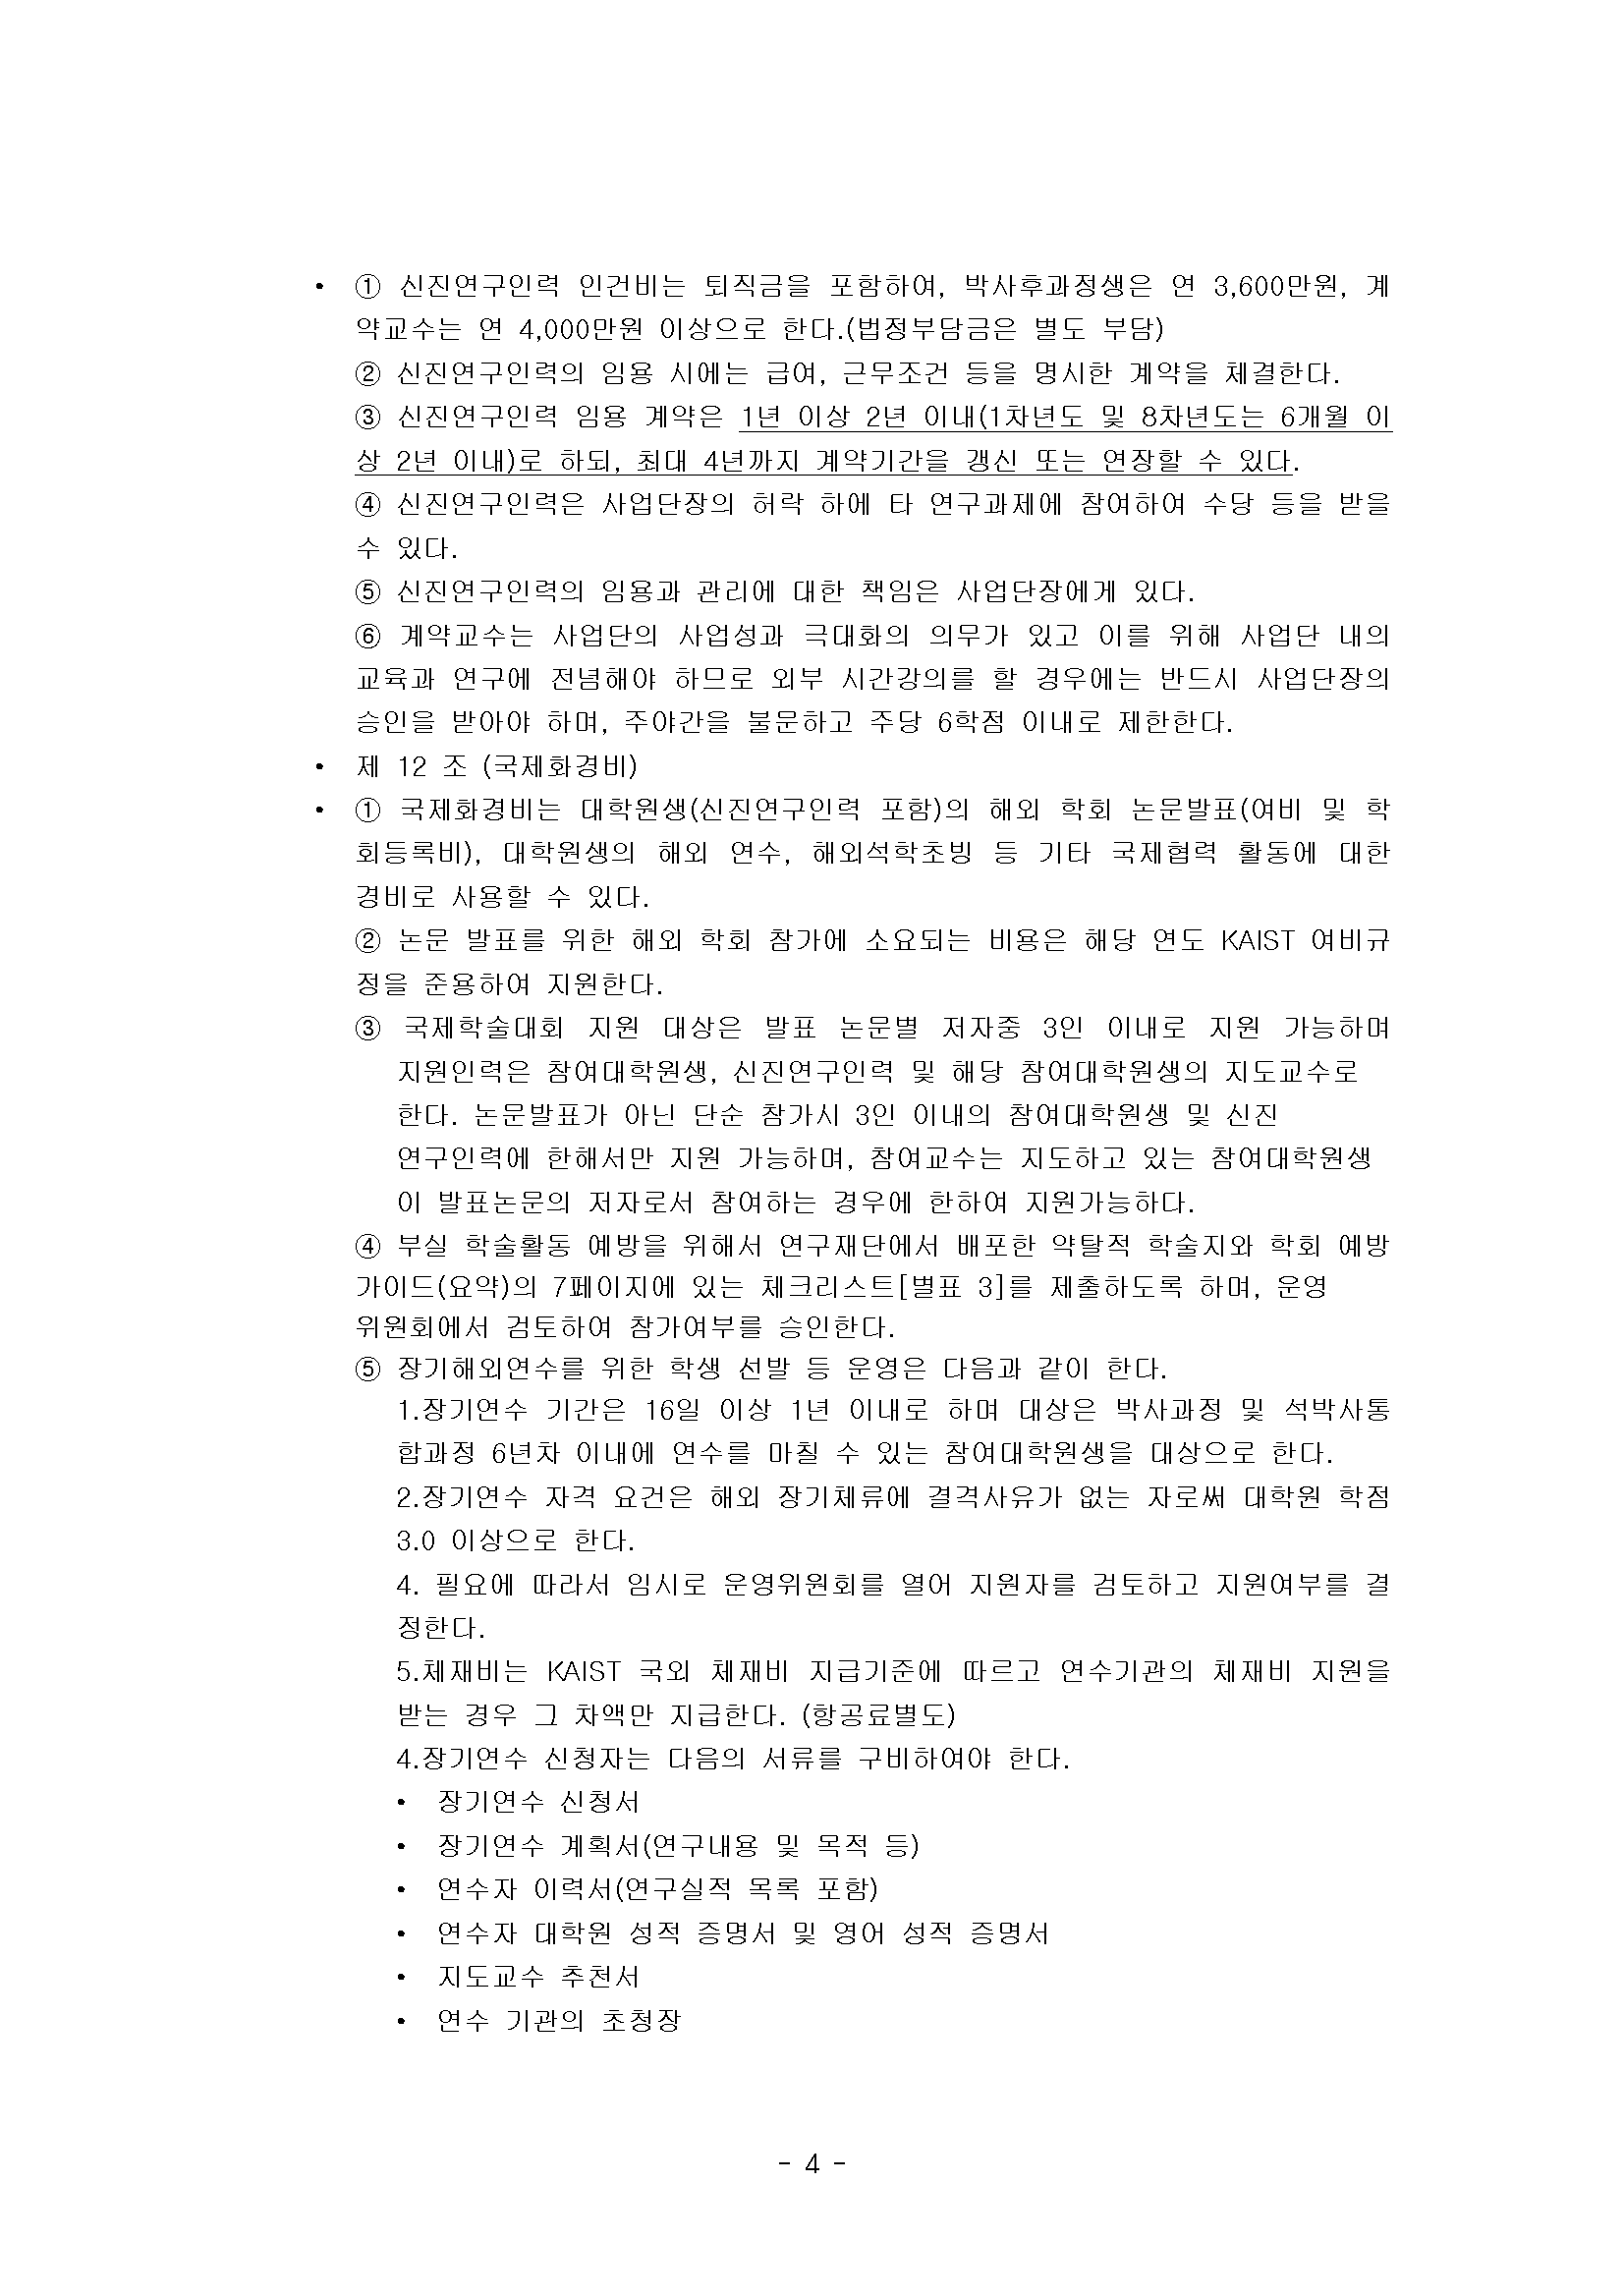 4단계 BK21 운영내규(21.04.27)_수정_페이지_4